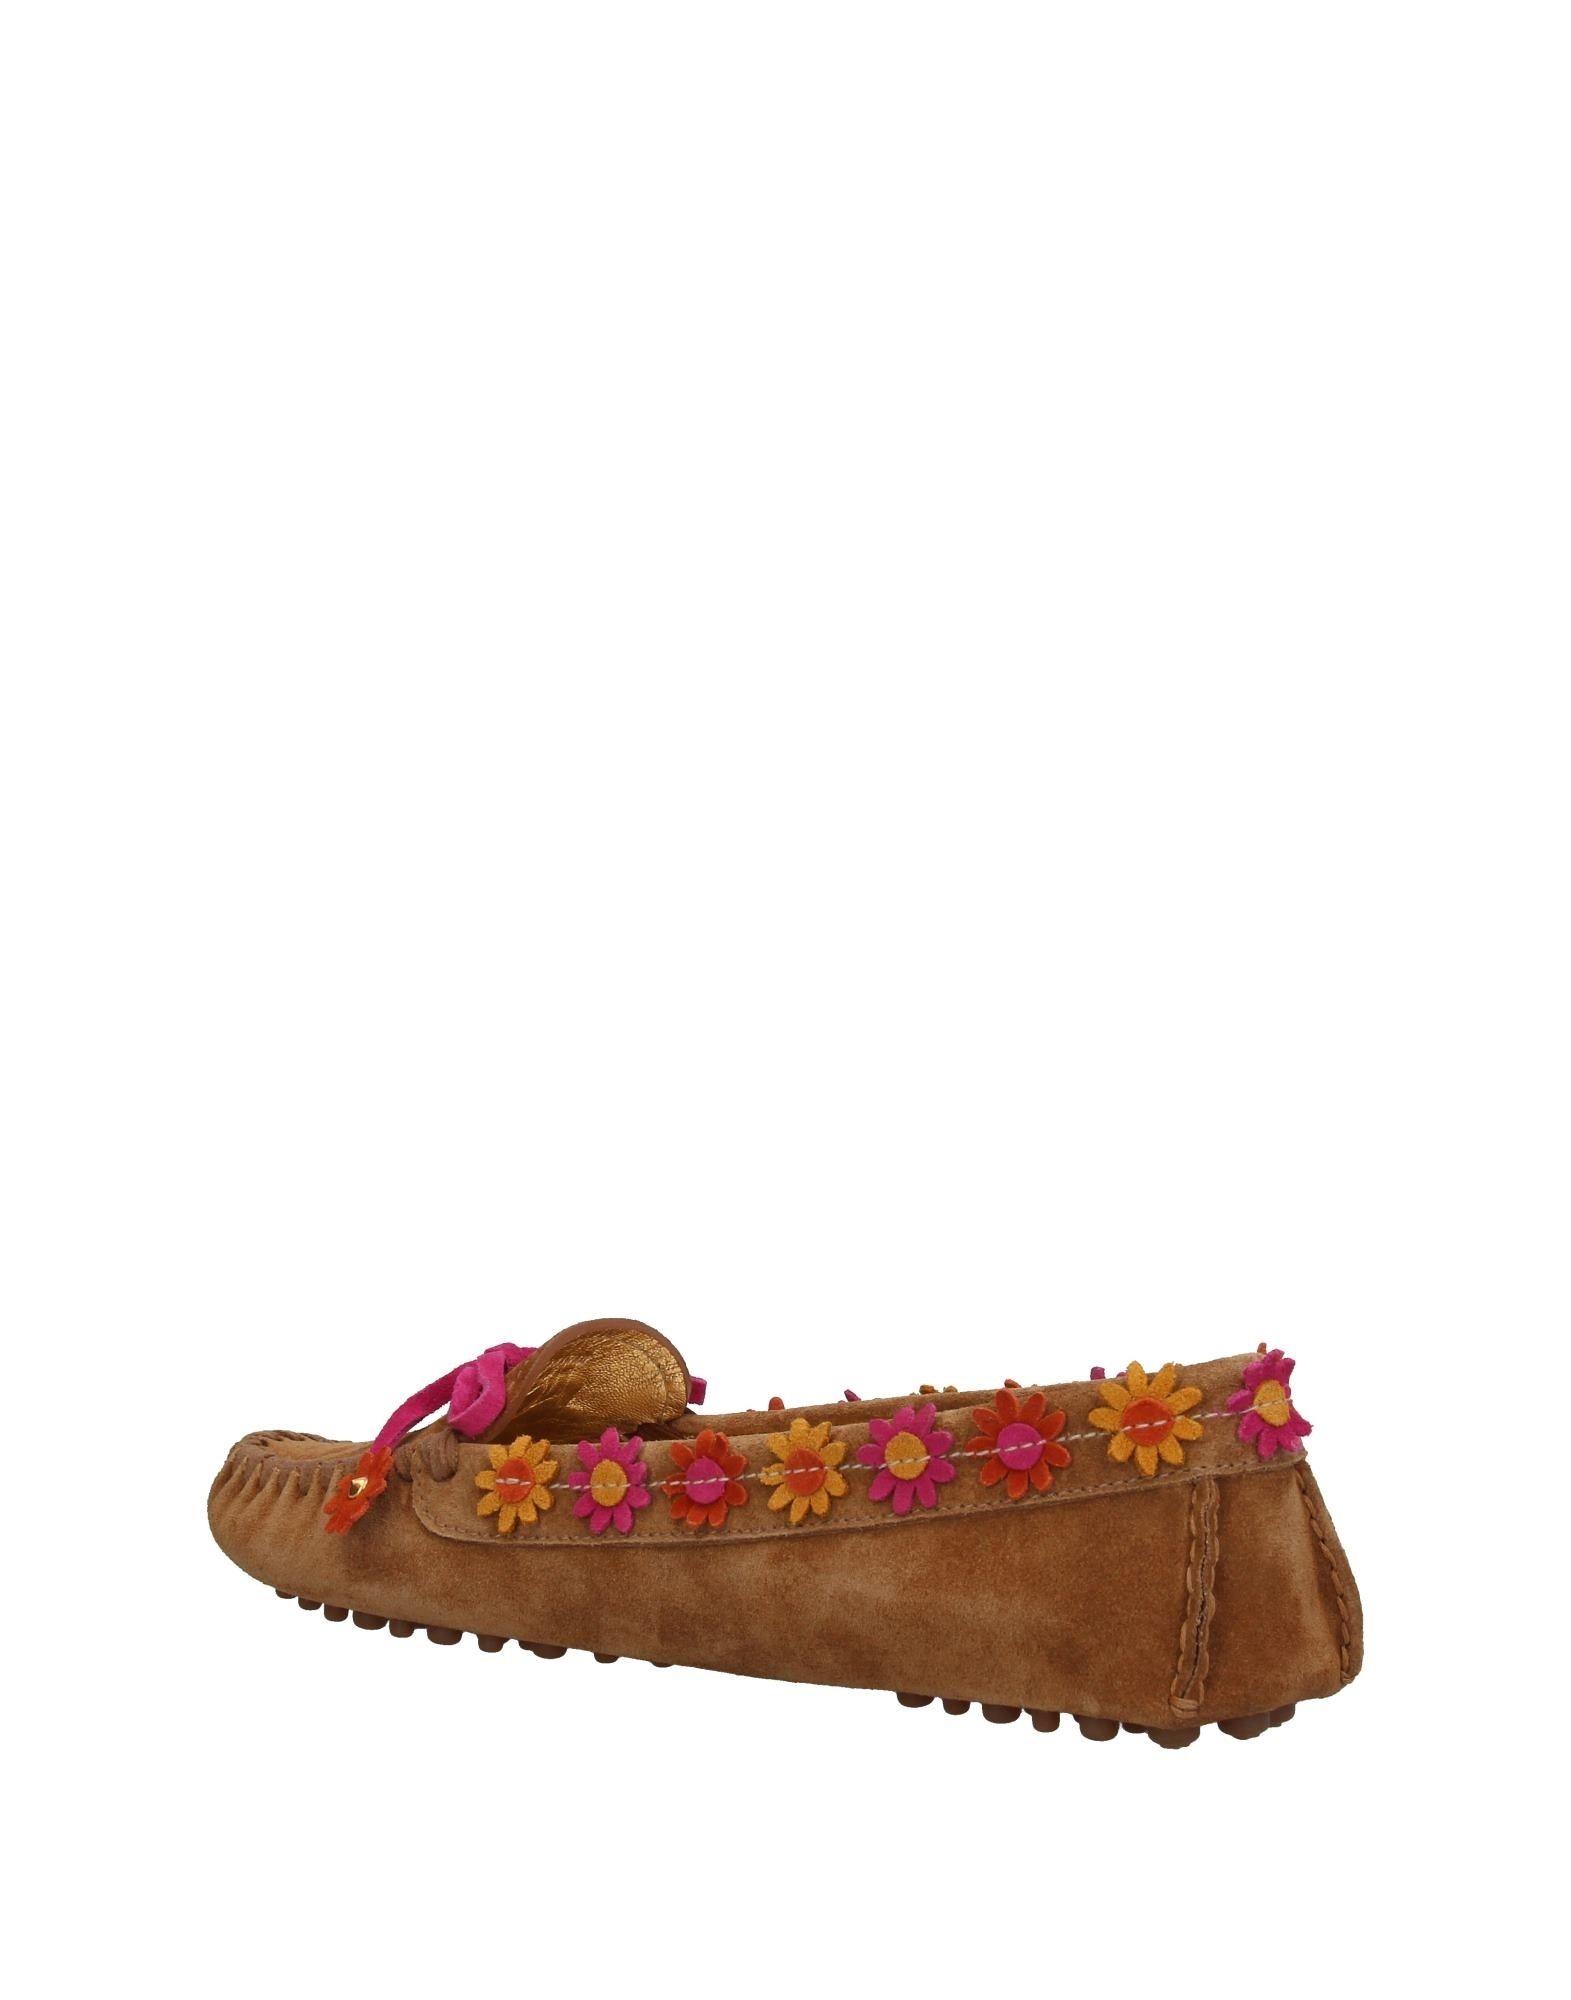 Carshoe Schuhe Mokassins Damen  11392328PU Heiße Schuhe Carshoe ec4526